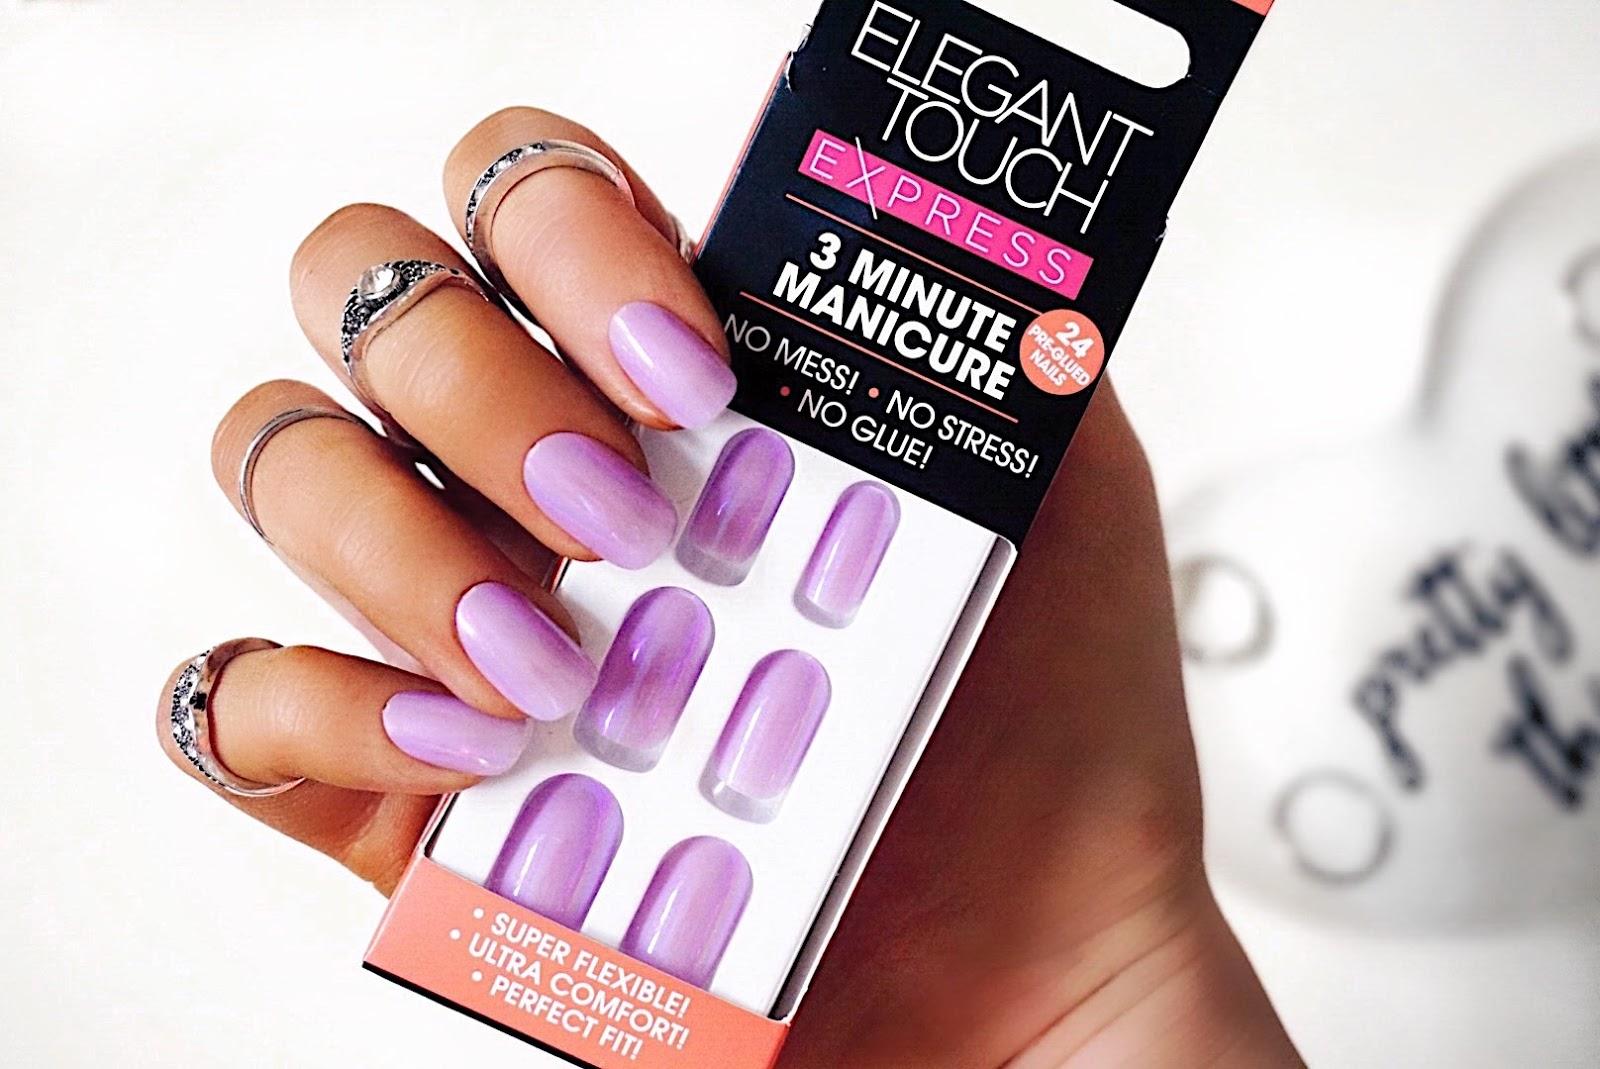 New In: Elegant Touch Express Nails | Terri Talks